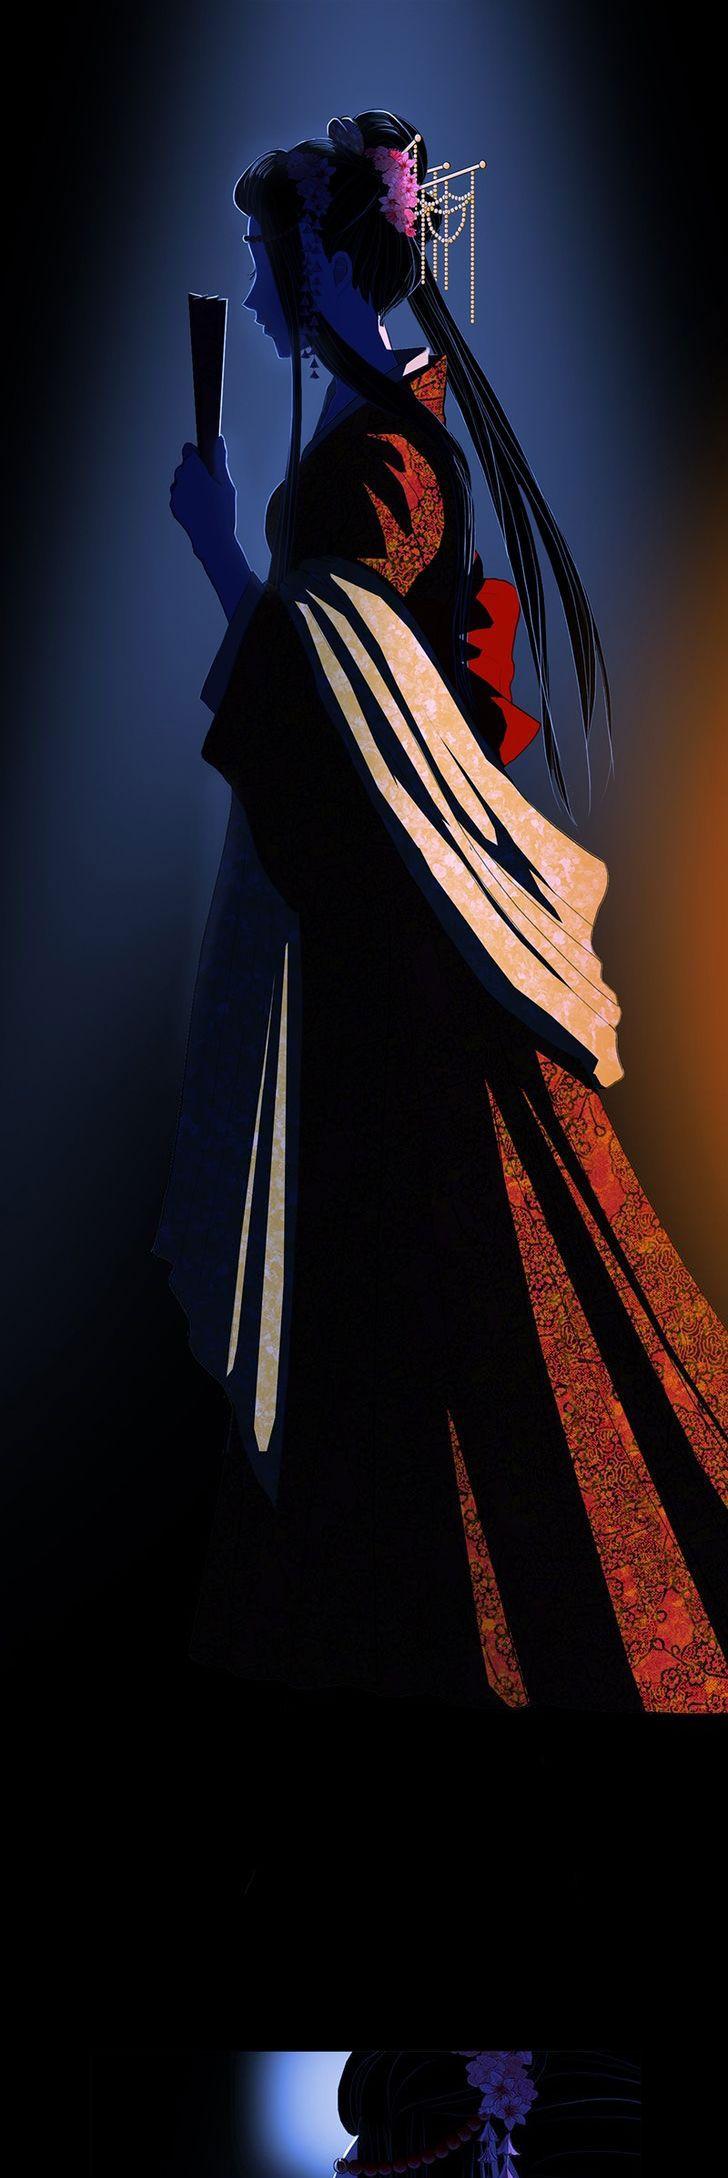 Манга Мой дорогой хладнокровный король | My Dear Cold-Blooded King